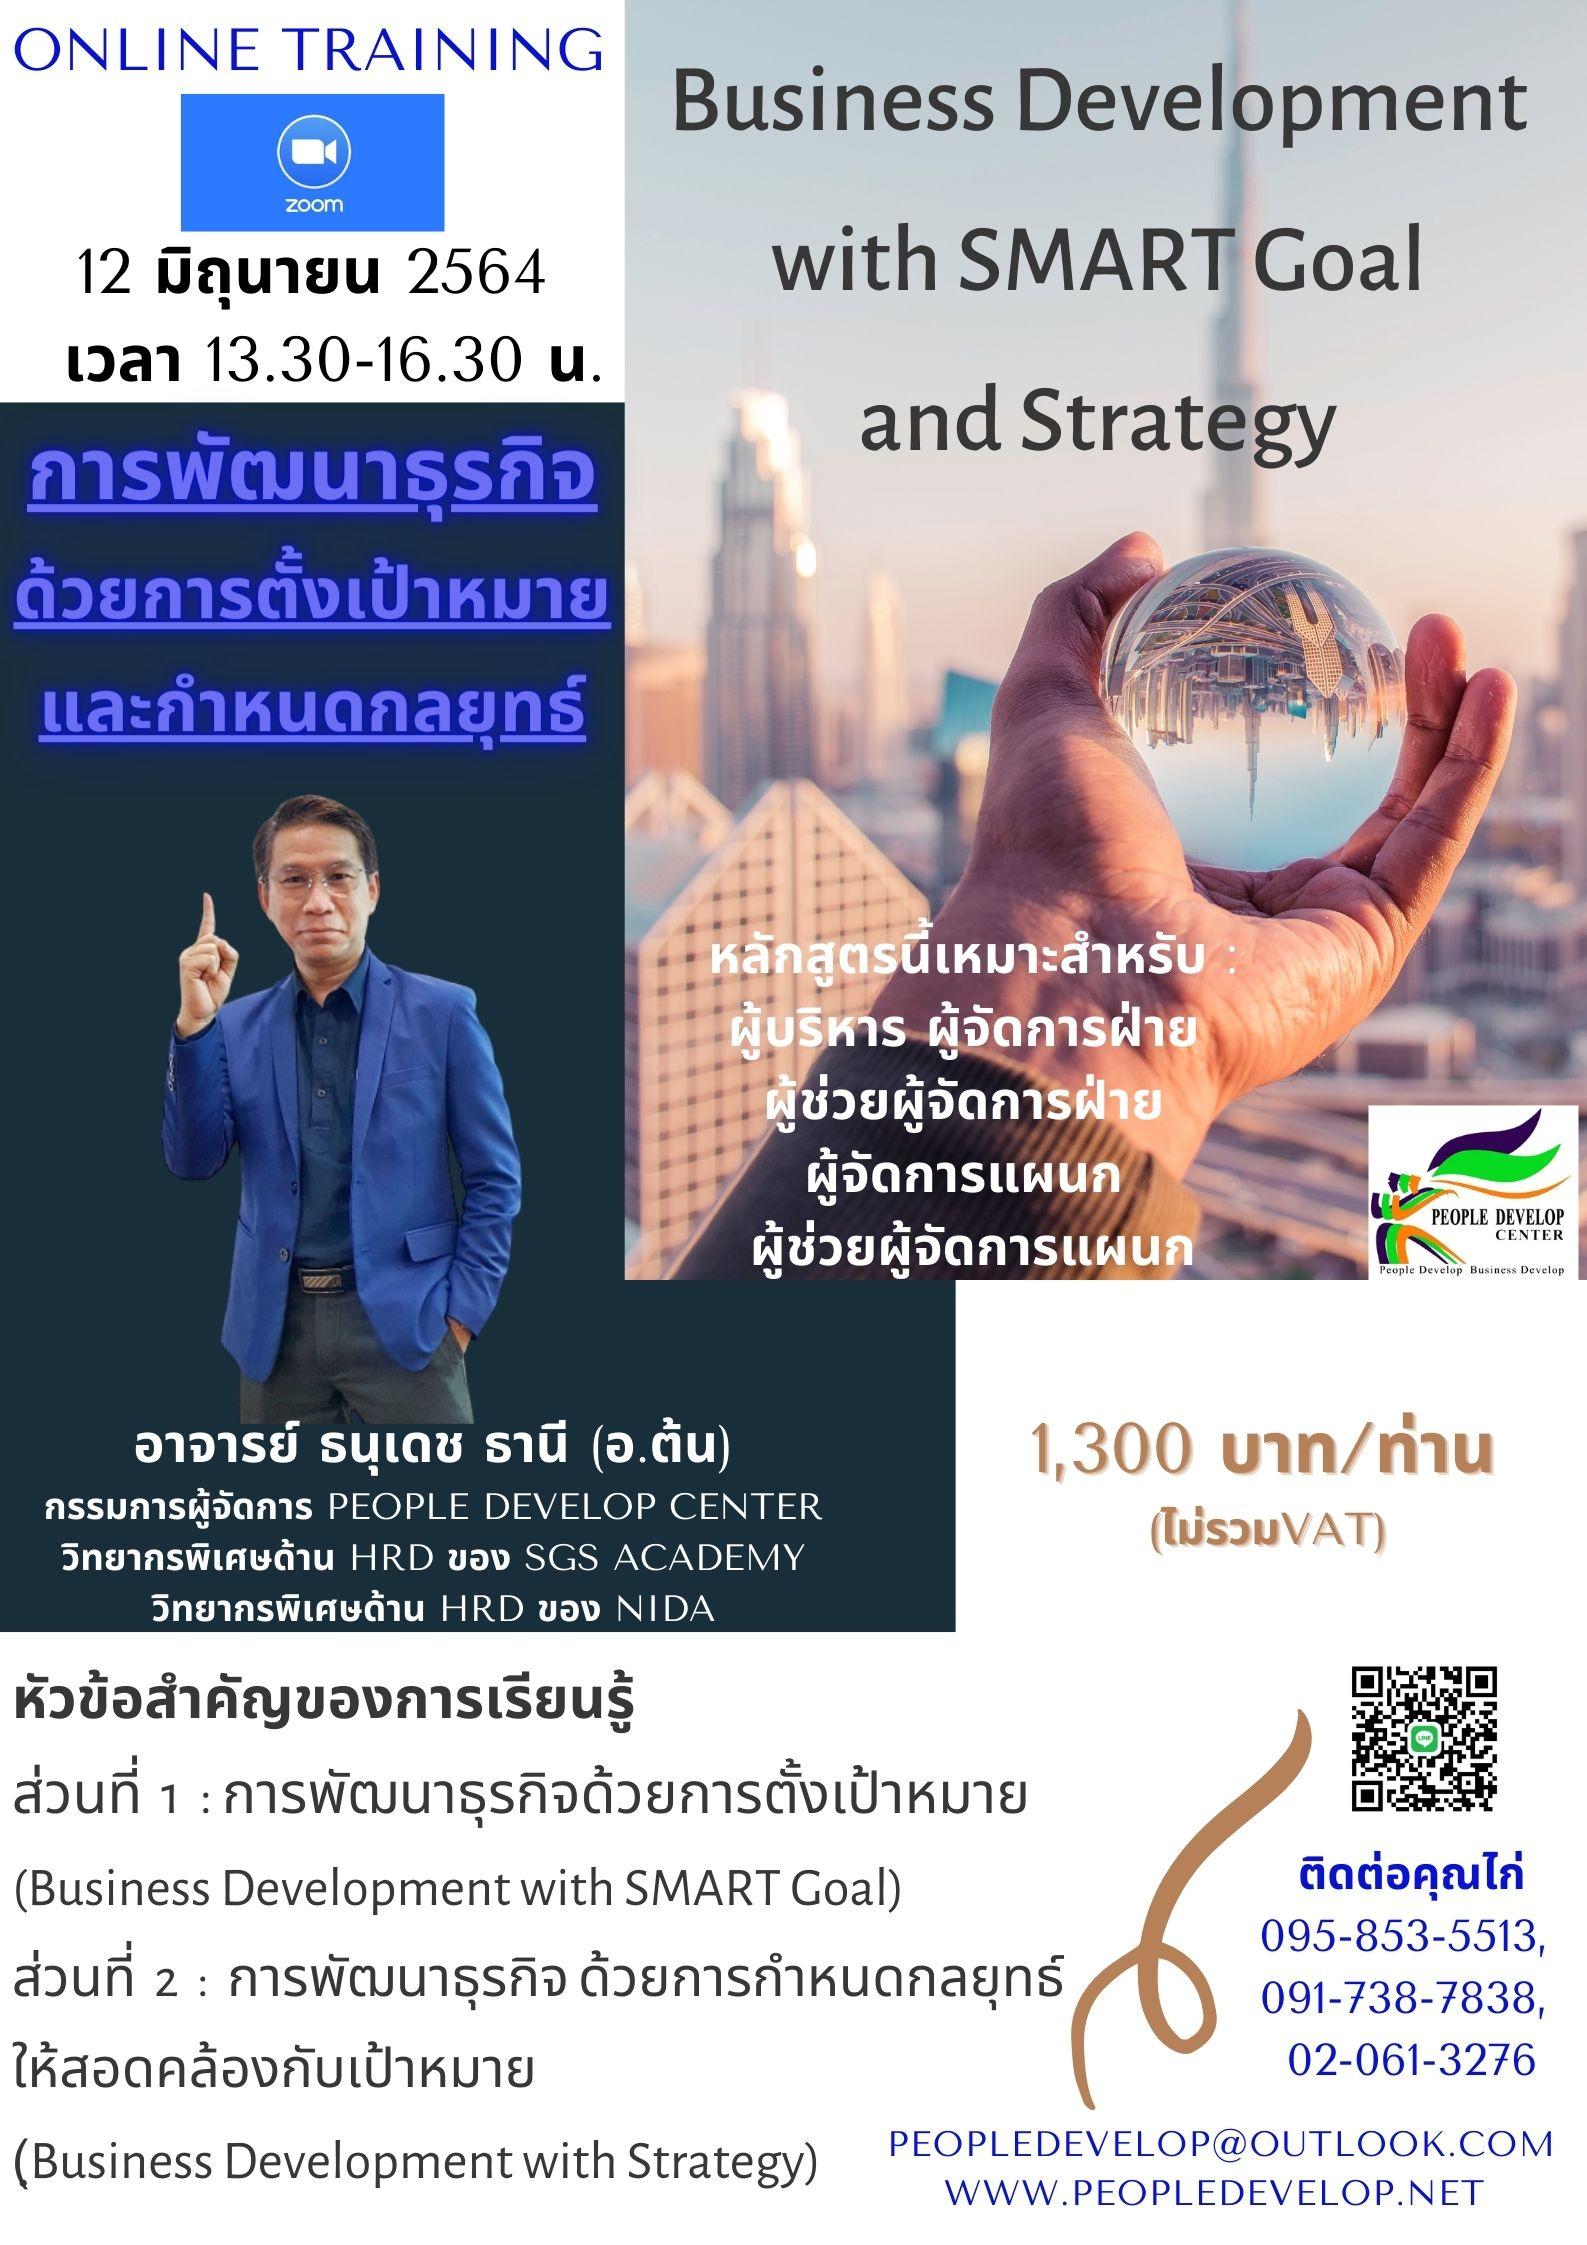 การพัฒนาธุรกิจด้วยการตั้งเป้าหมายและกำหนดกลยุทธ์ (Business Development with  SMART Goal and Strategy) : 12 มิถุนายน 2564